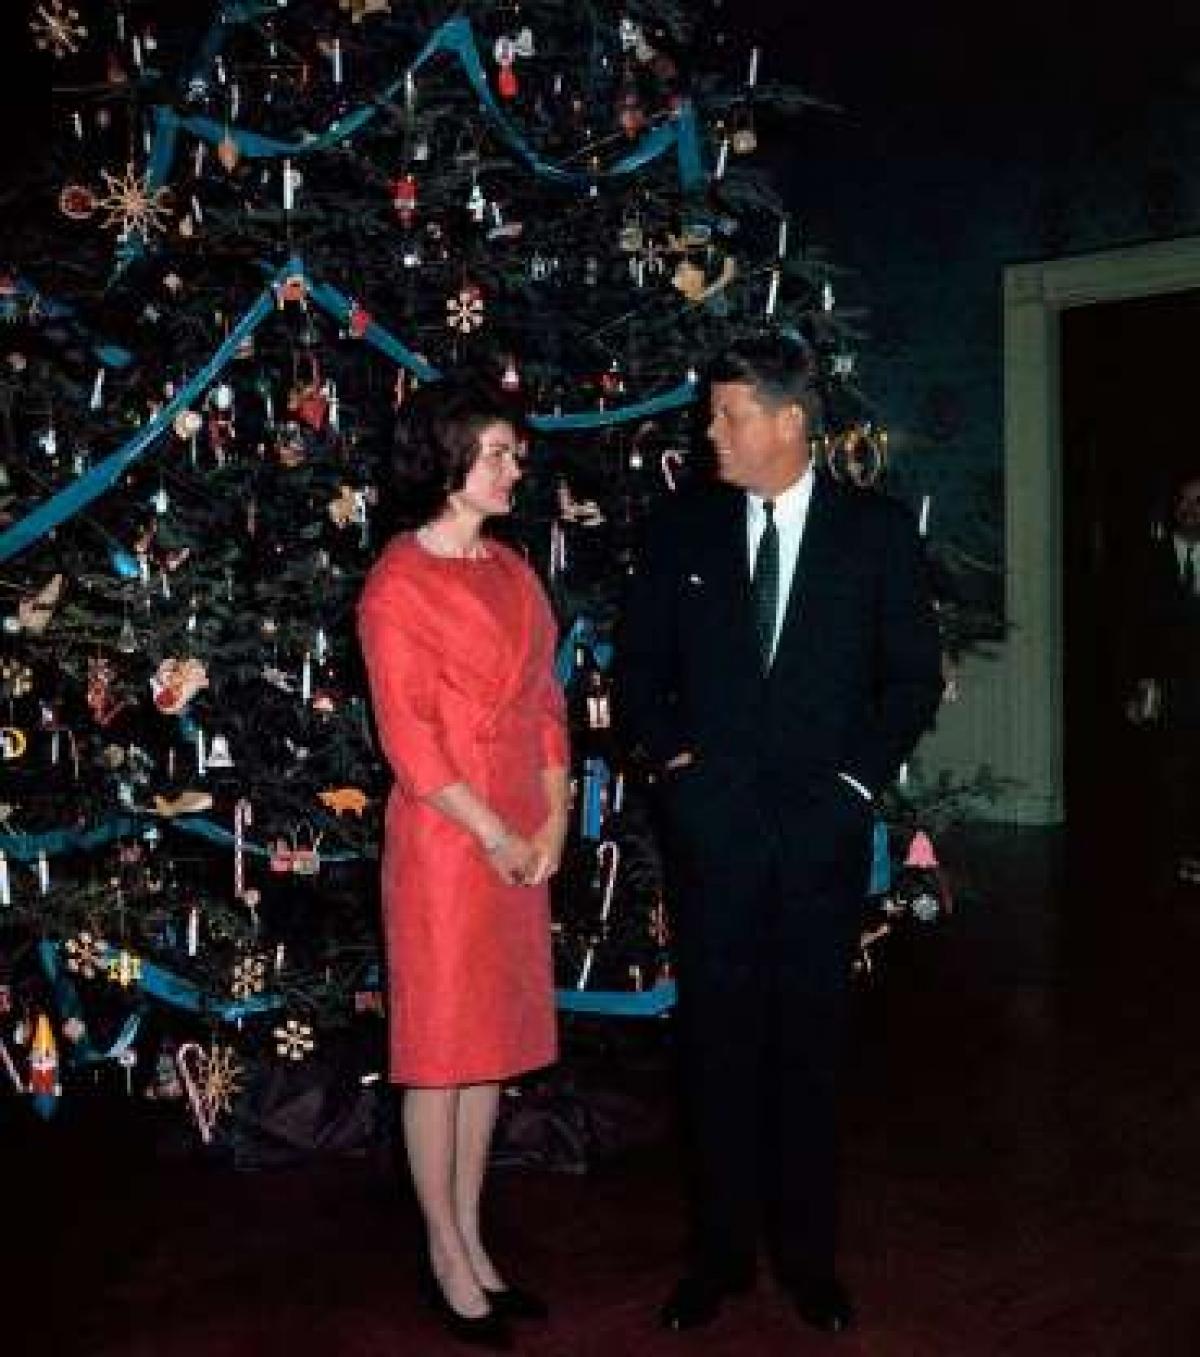 """Lựa chọn chủ đề cho cây thông Noel: Đệ nhất phu nhân Jacqueline Kennedy bắt đầu truyền thống nghĩ ra chủ đề cho lễ Giáng sinh ở Nhà Trắng vào năm 1961. Vào năm đó, bà đã trang trí cây cho cây thông Noel với chủ đề """"Kẹp Hạt dẻ"""". Gần đây, năm 2019, Đệ nhất phu nhân Melania Trump nghĩ ra chủ đề """"Tinh thần nước Mỹ"""" và năm 2020 là chủ đề """"Nước Mỹ xinh đẹp"""" cho dịp Giáng sinh."""